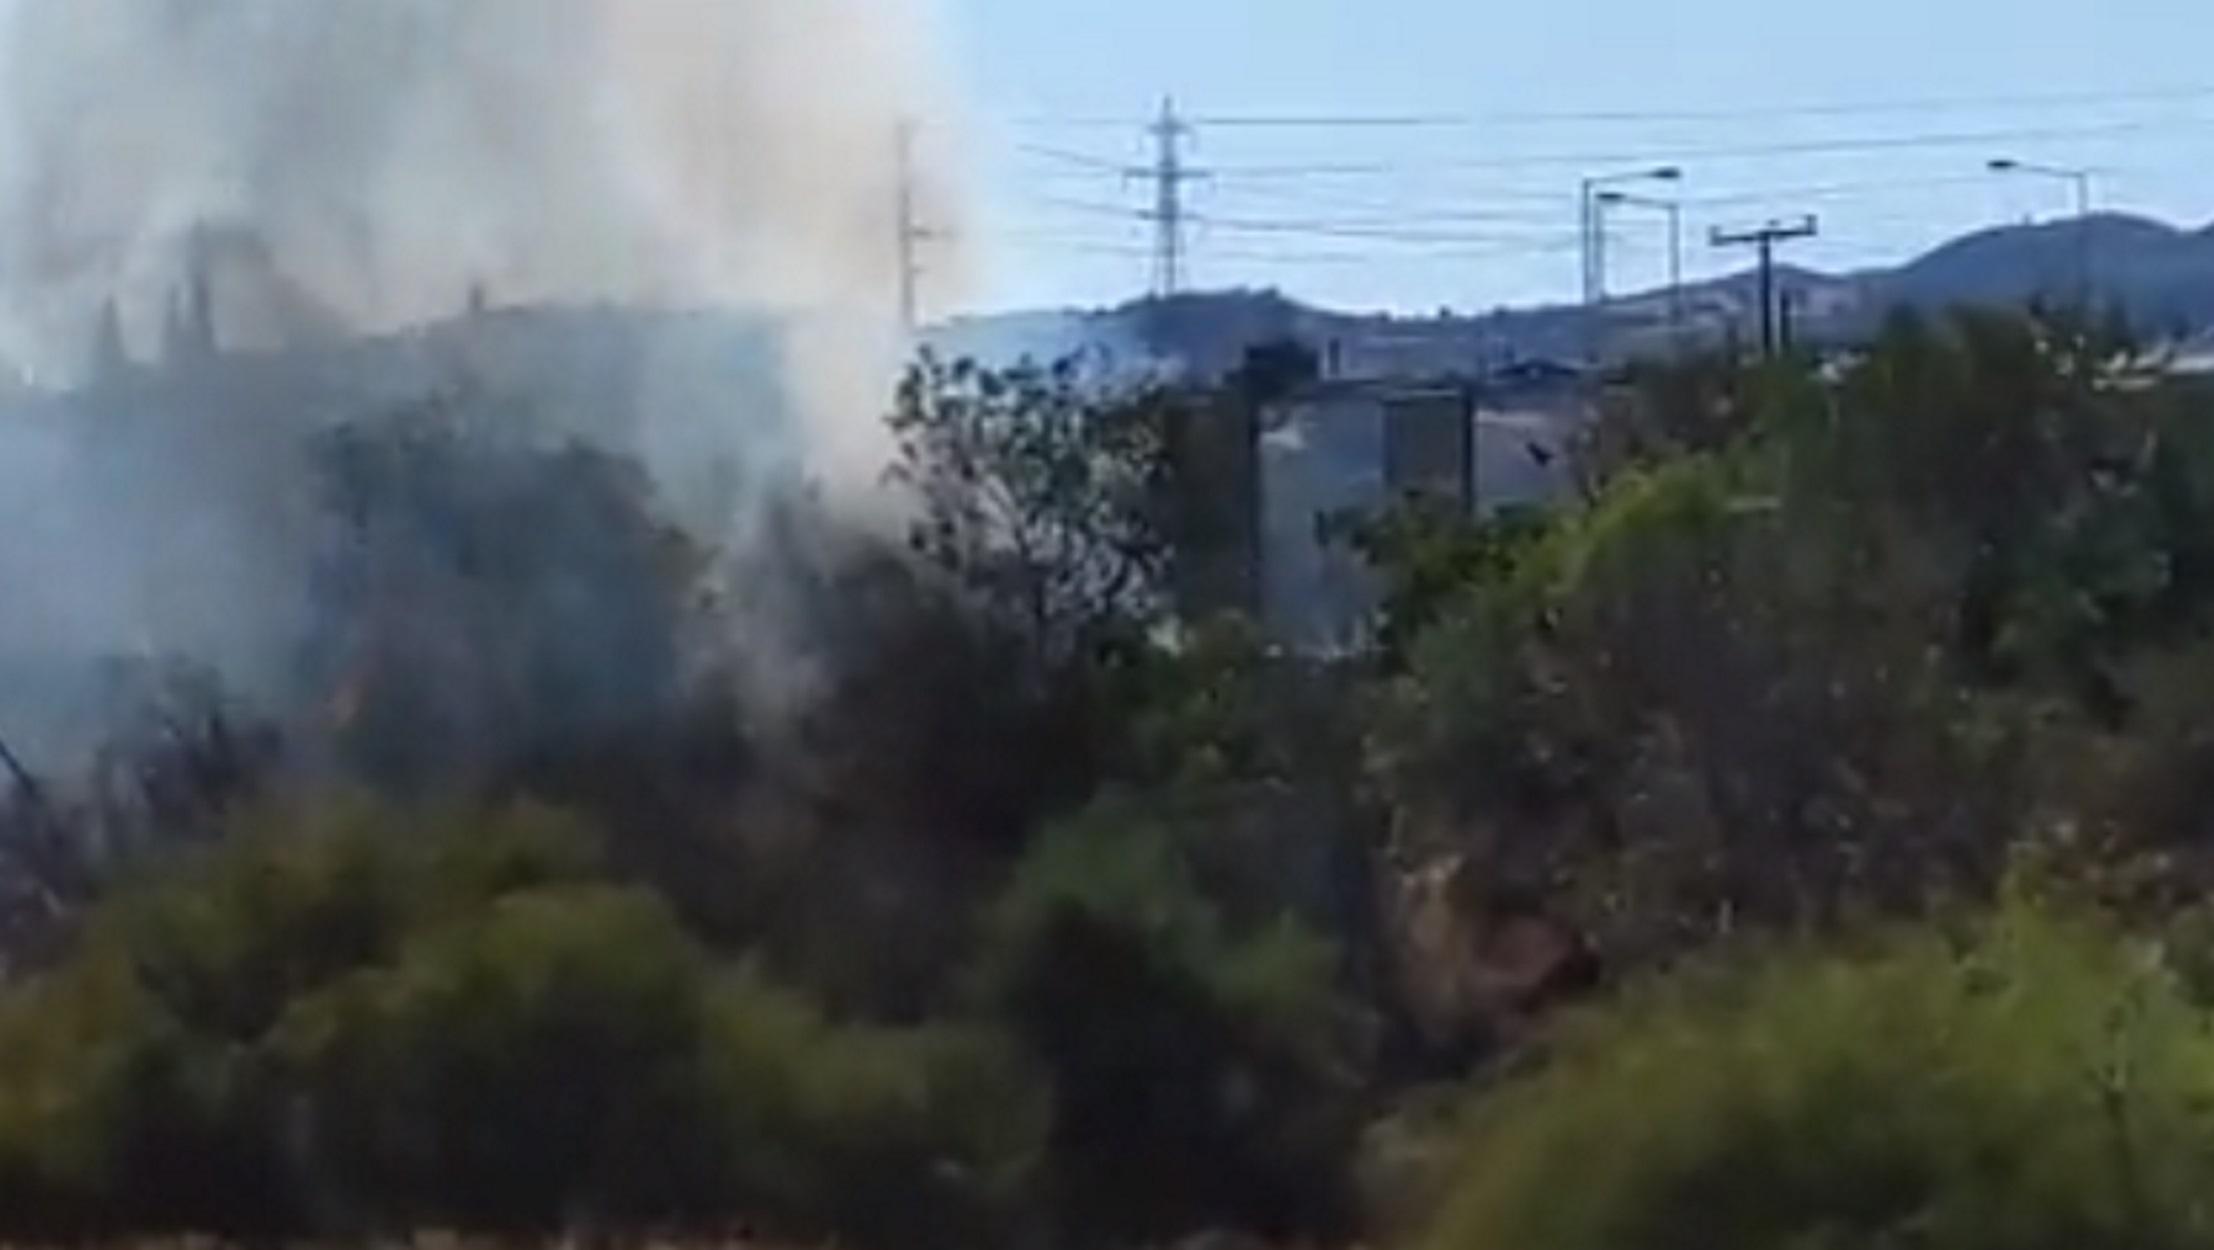 Φωτιές στους Αγίους Θεοδώρους Κορινθίας: Τρεις πύρινες εστίες ταυτόχρονα (pics, video)